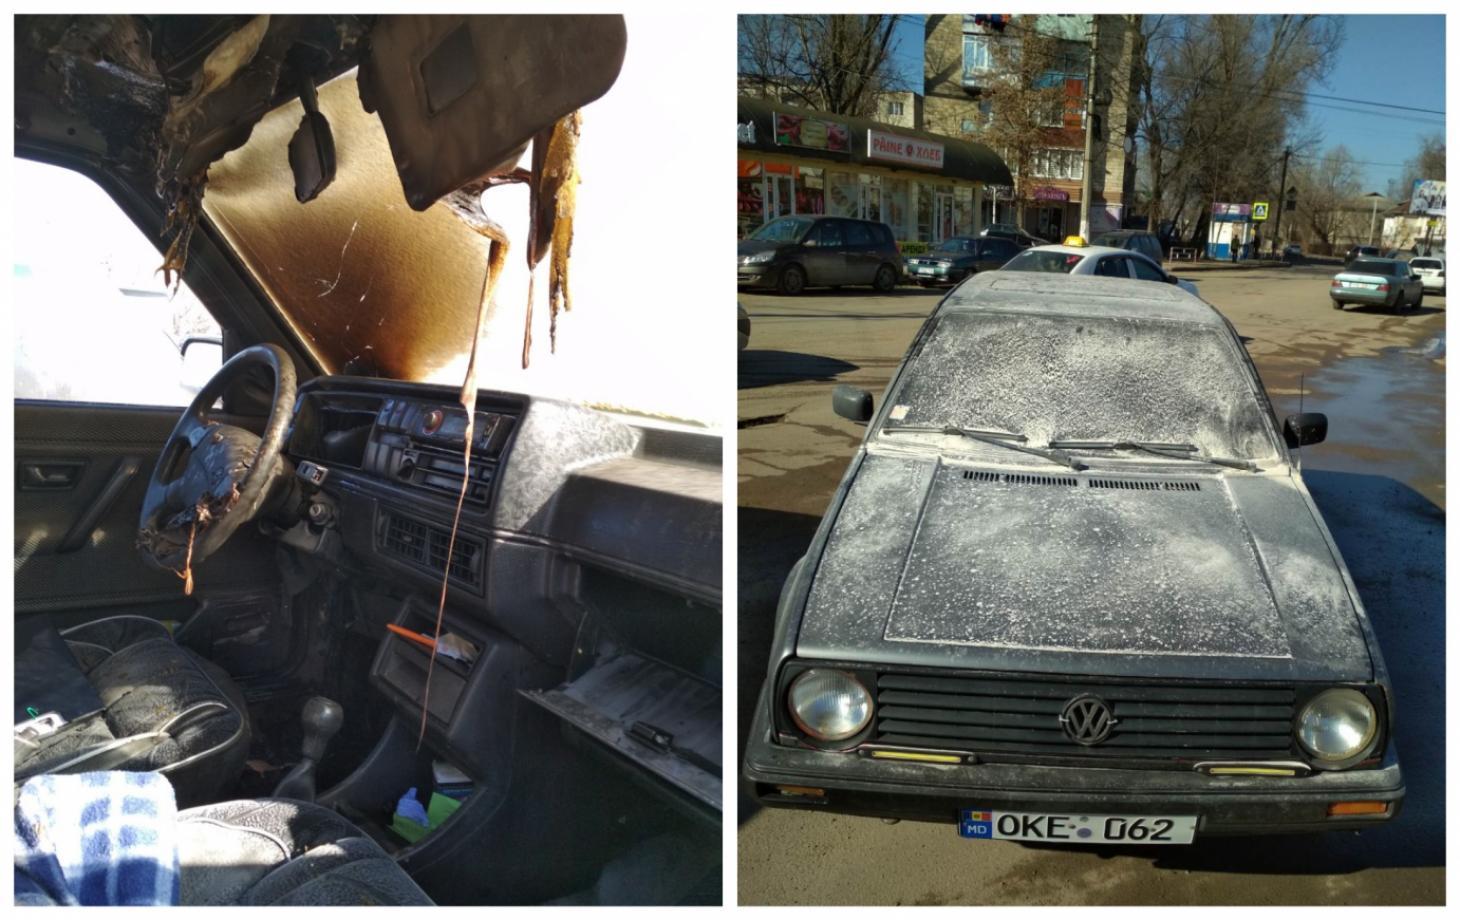 Из-за короткого замыкания в Бельцах загорелся автомобиль